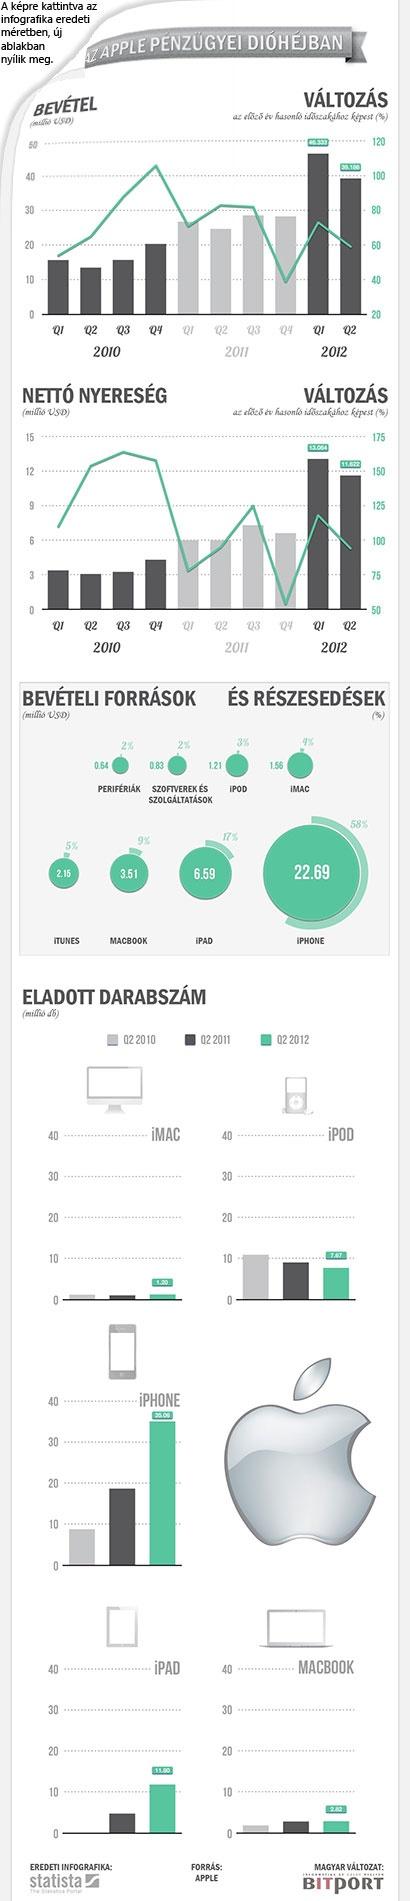 Alma dióhéjban: az Apple pénzügyei  Újra nagy zsák pénzt keresett az Apple a második negyedéves eredmények hivatalos bejelentése szerint, és bár voltak az elvártnál gyengébben muzsikáló területek (például a reméltnél félmillióval kevesebb eladott iPad), az óriásvállalat köszöni, rendben van. Az alábbi infografika azonban a részleteket is látványosan emeli ki, például azt, hogy bár folyamatosan megfejelik az előző időszakok eredményeit, a növekedés mértéke eléggé hektikus.